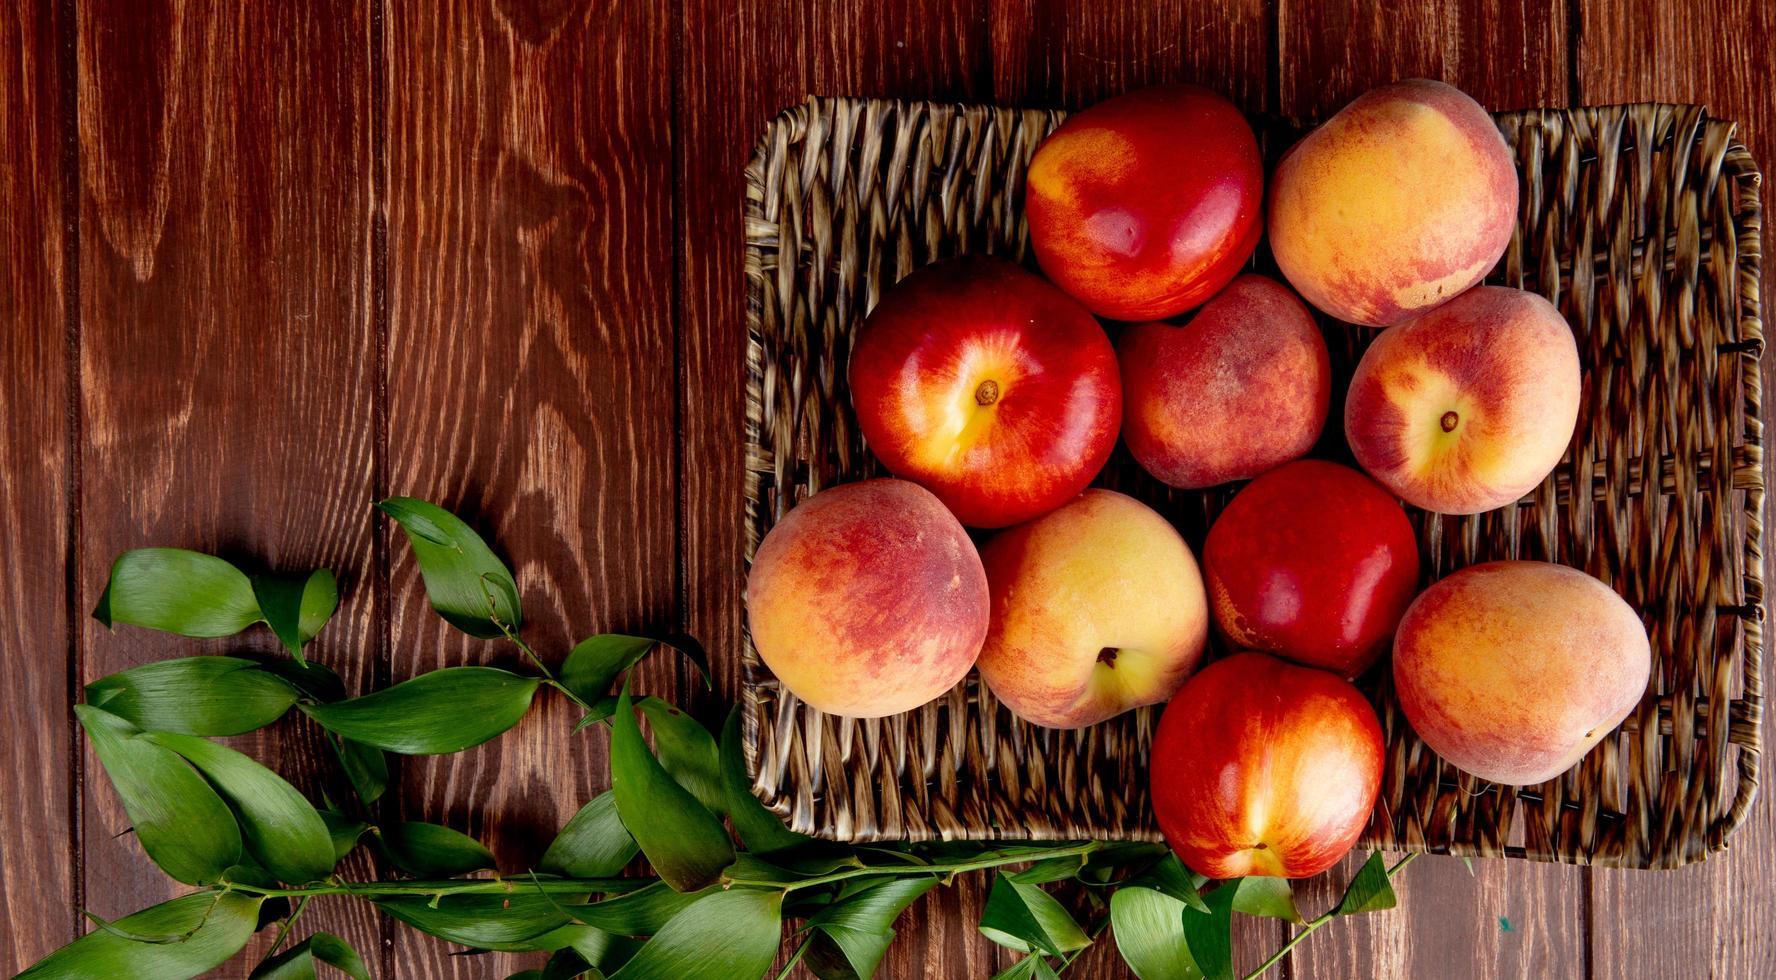 Draufsicht von Pfirsichen in Korbteller auf hölzernem Hintergrund verziert mit Blättern foto